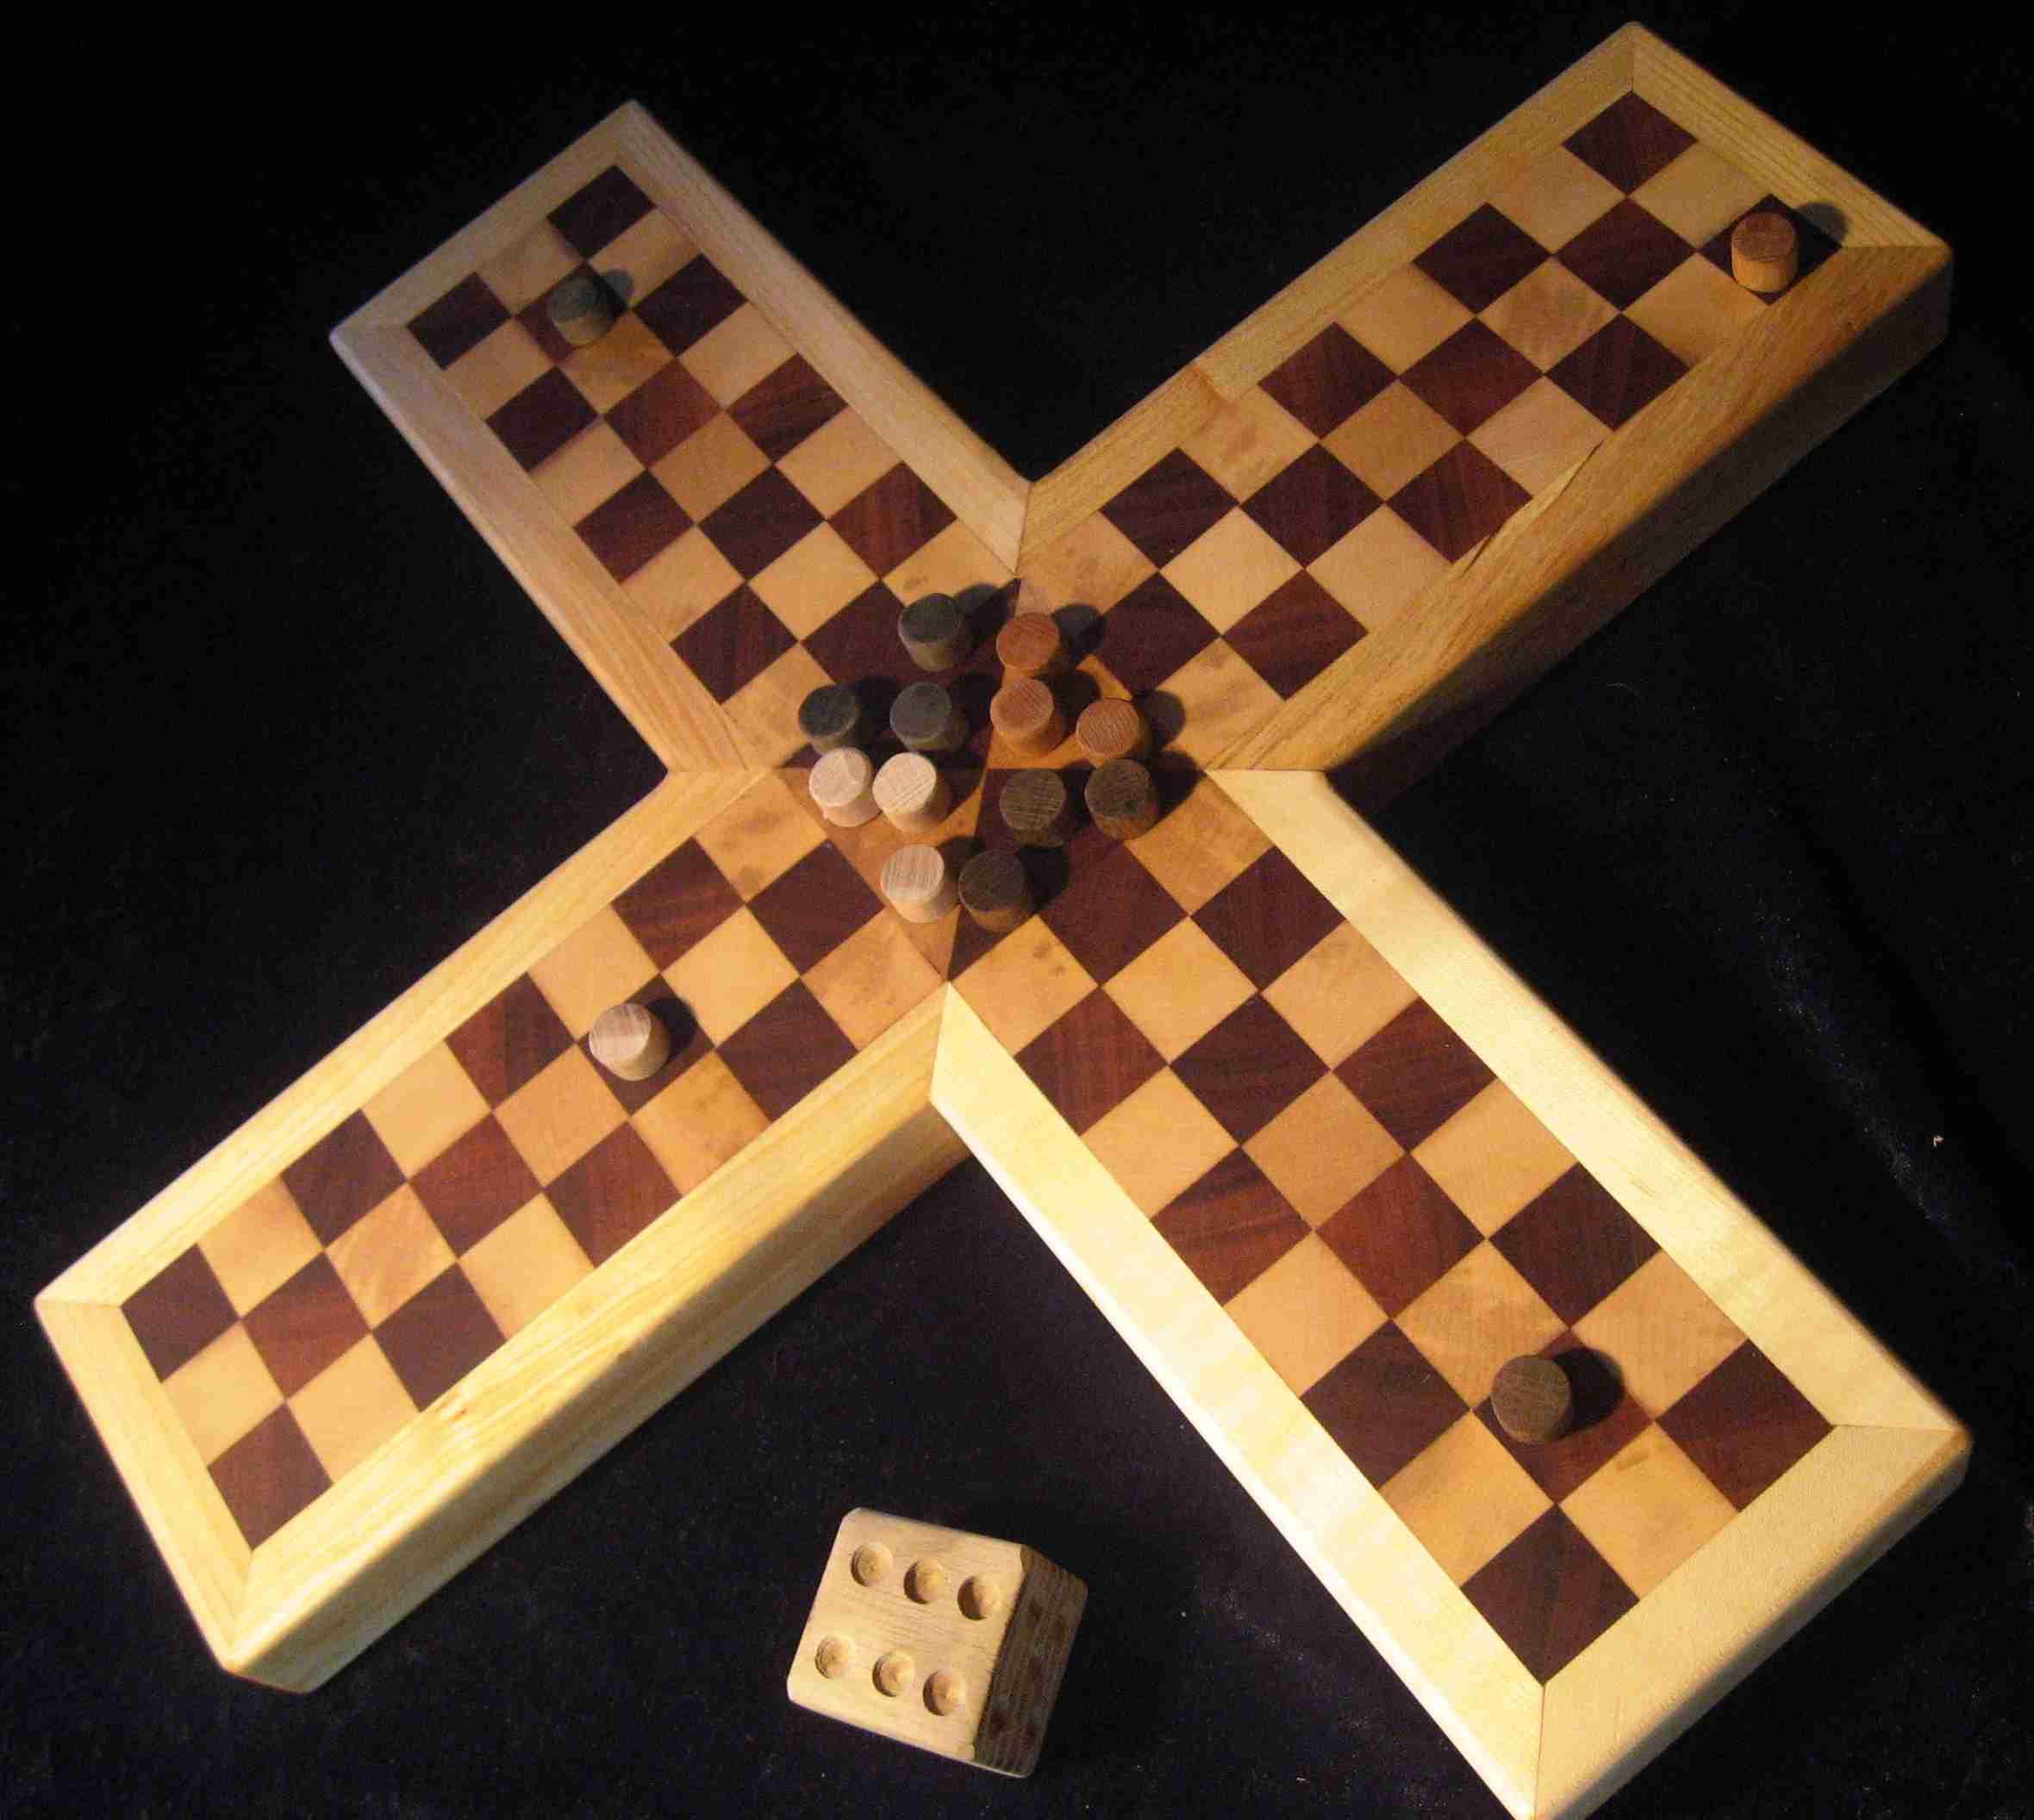 Pachisi Spiel